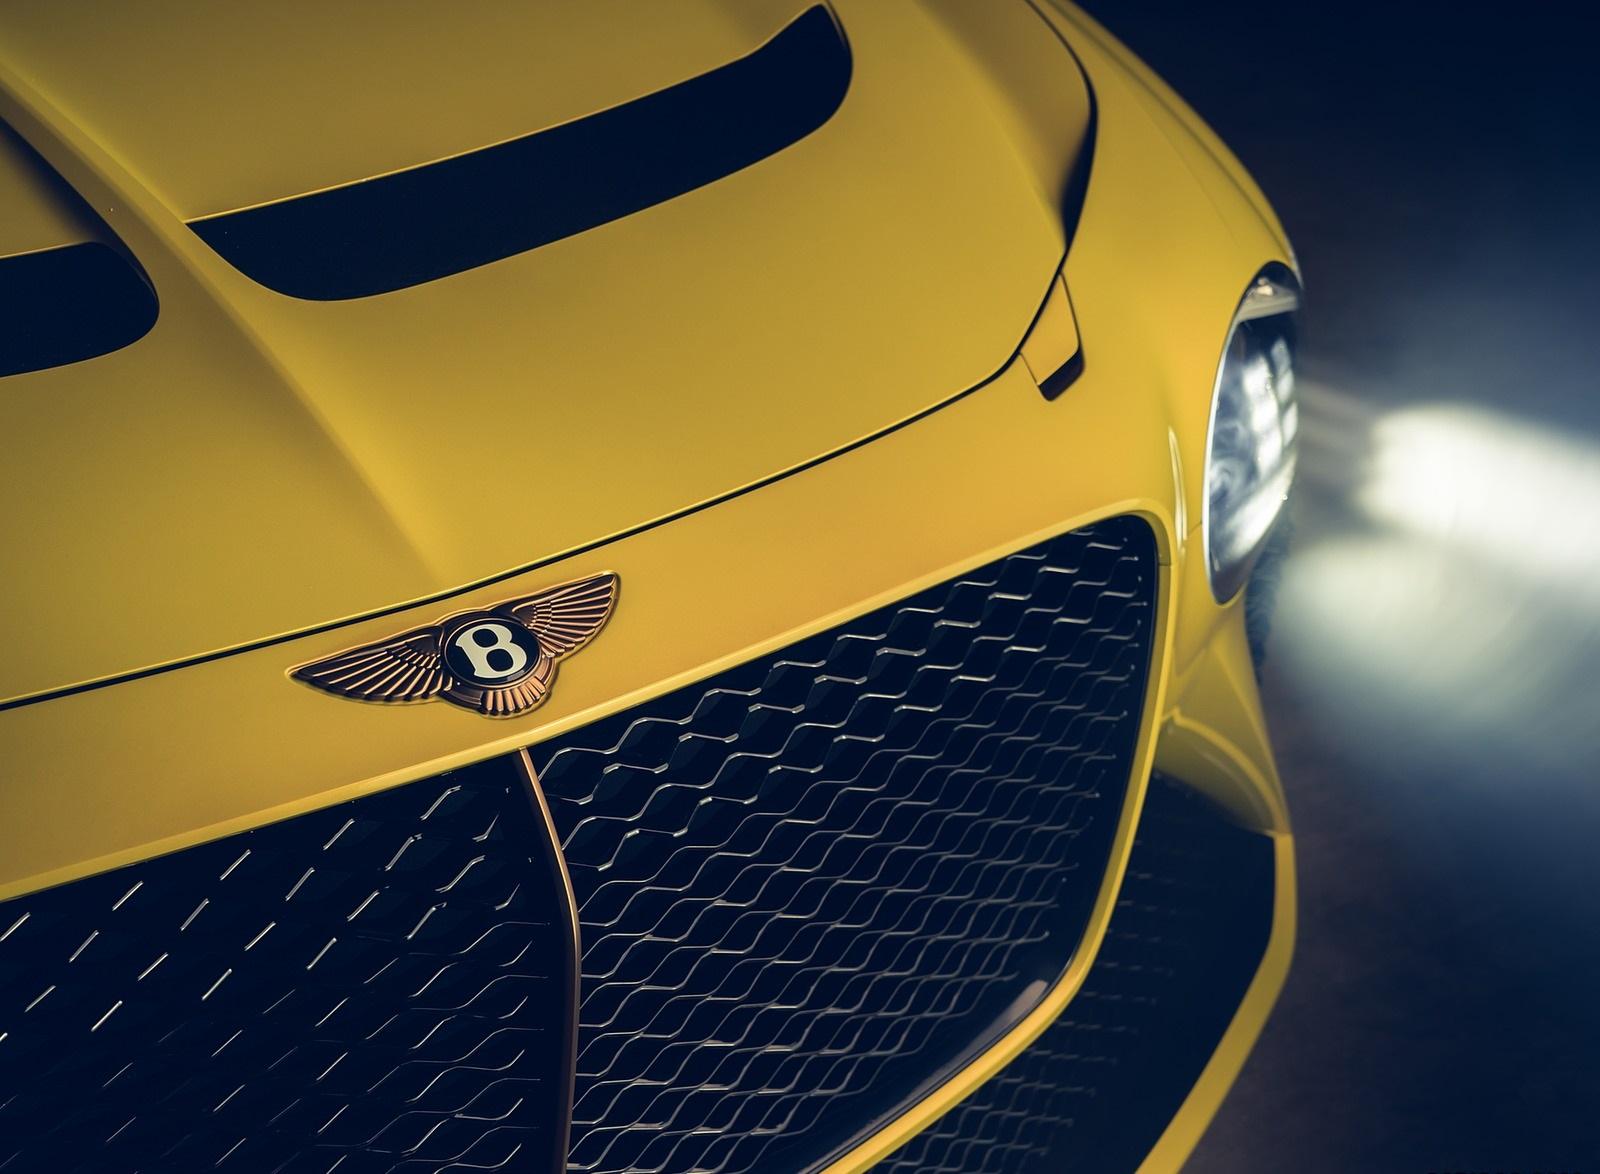 2021 Bentley Mulliner Bacalar Grill Wallpapers (10)